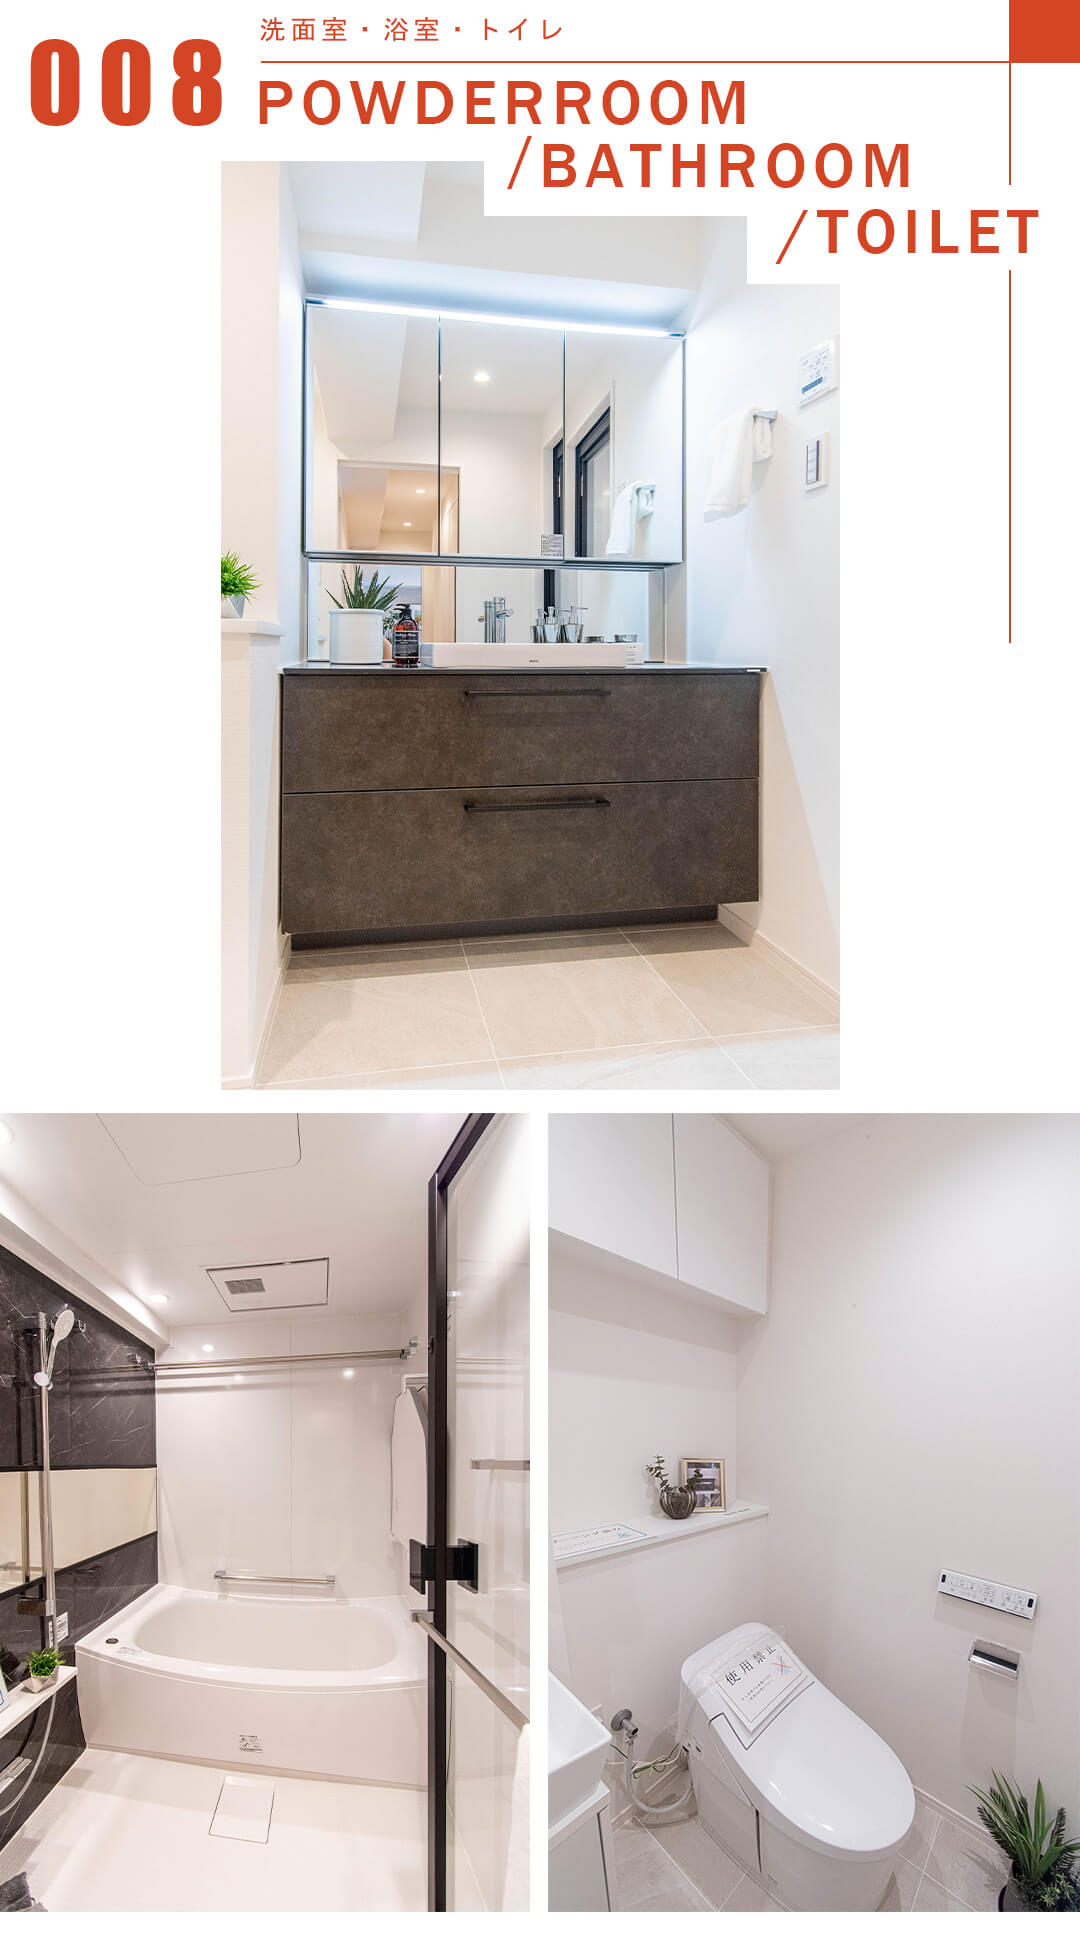 ファミの洗面室と浴室とトイレール浅草一丁目